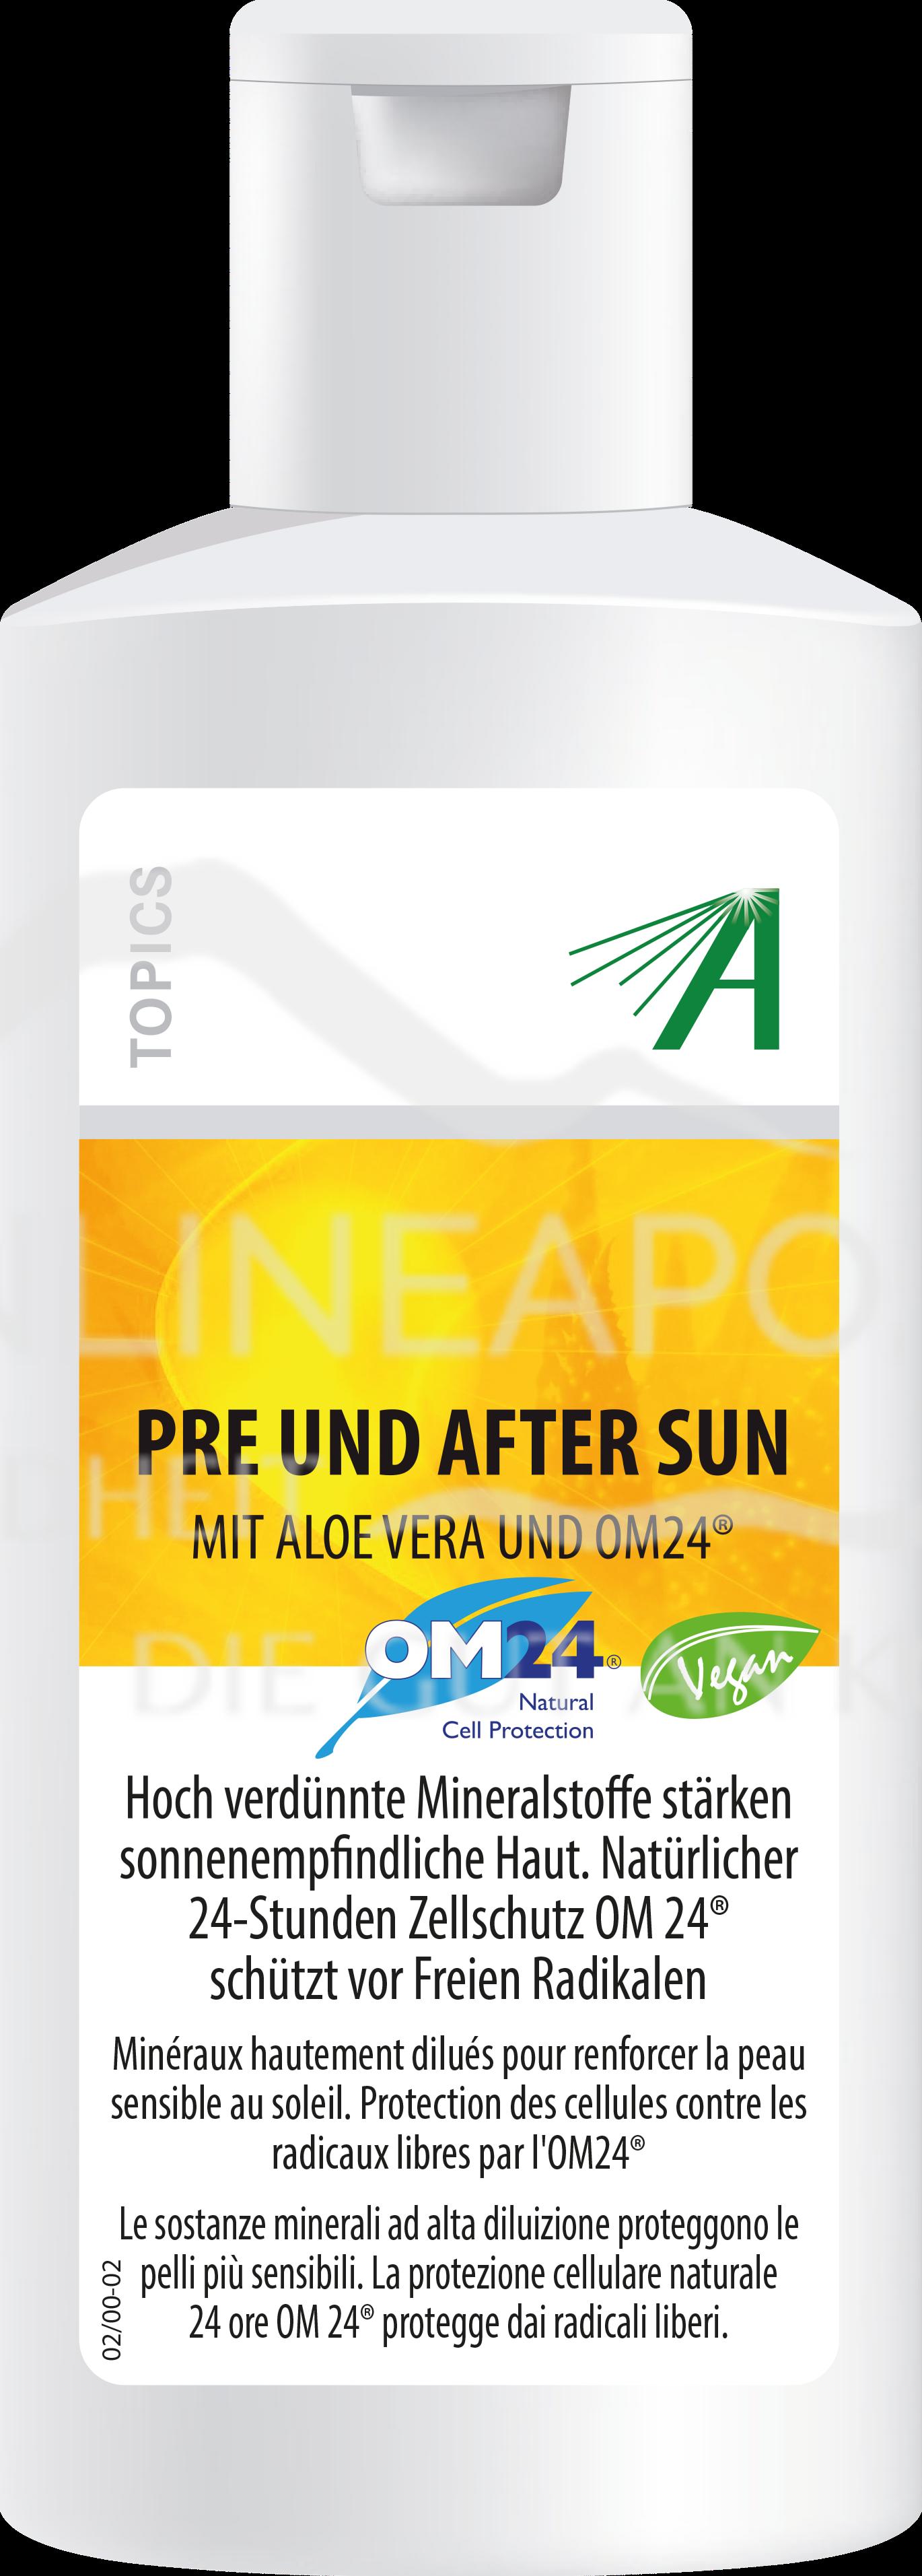 Adler Pre und After Sun mit Aloe Vera und OM24®